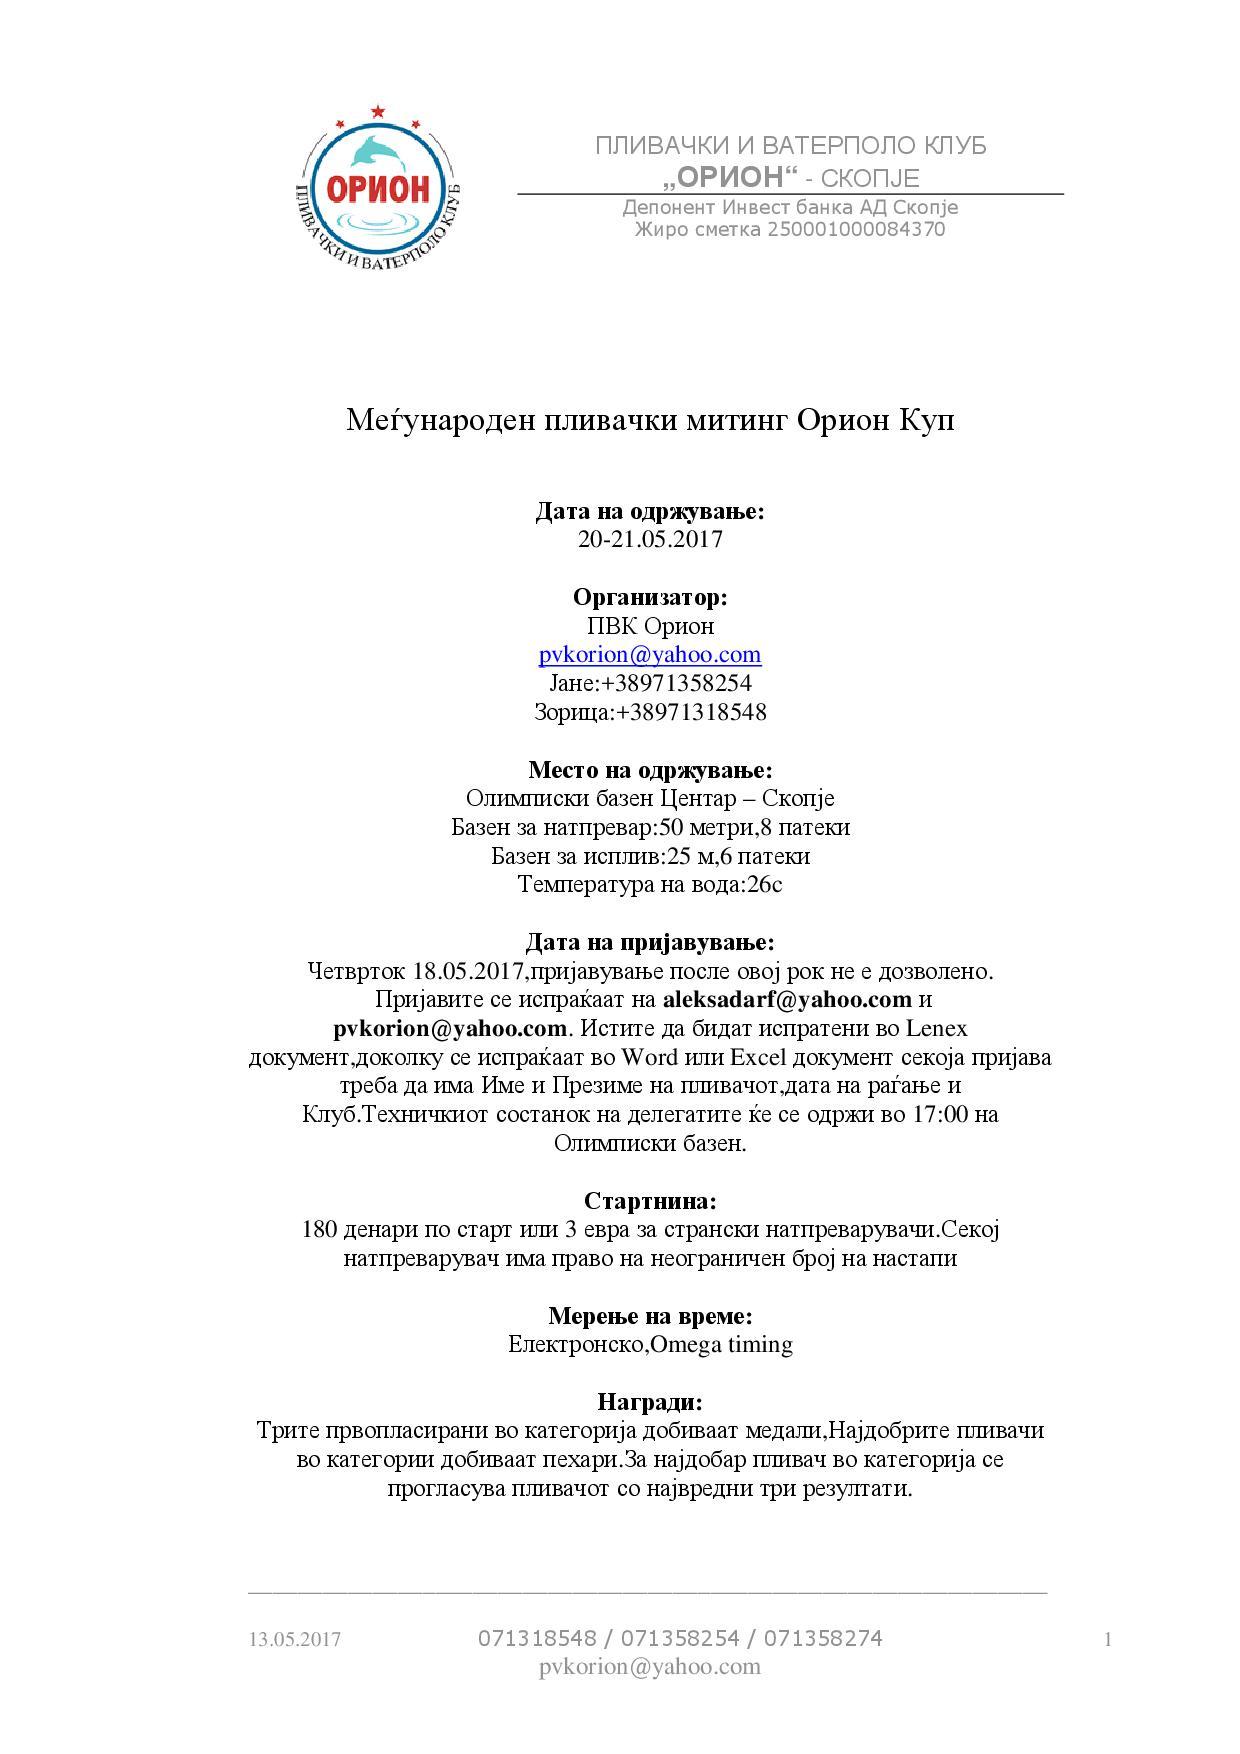 Оригиналне пропозиције организатора, страна 1